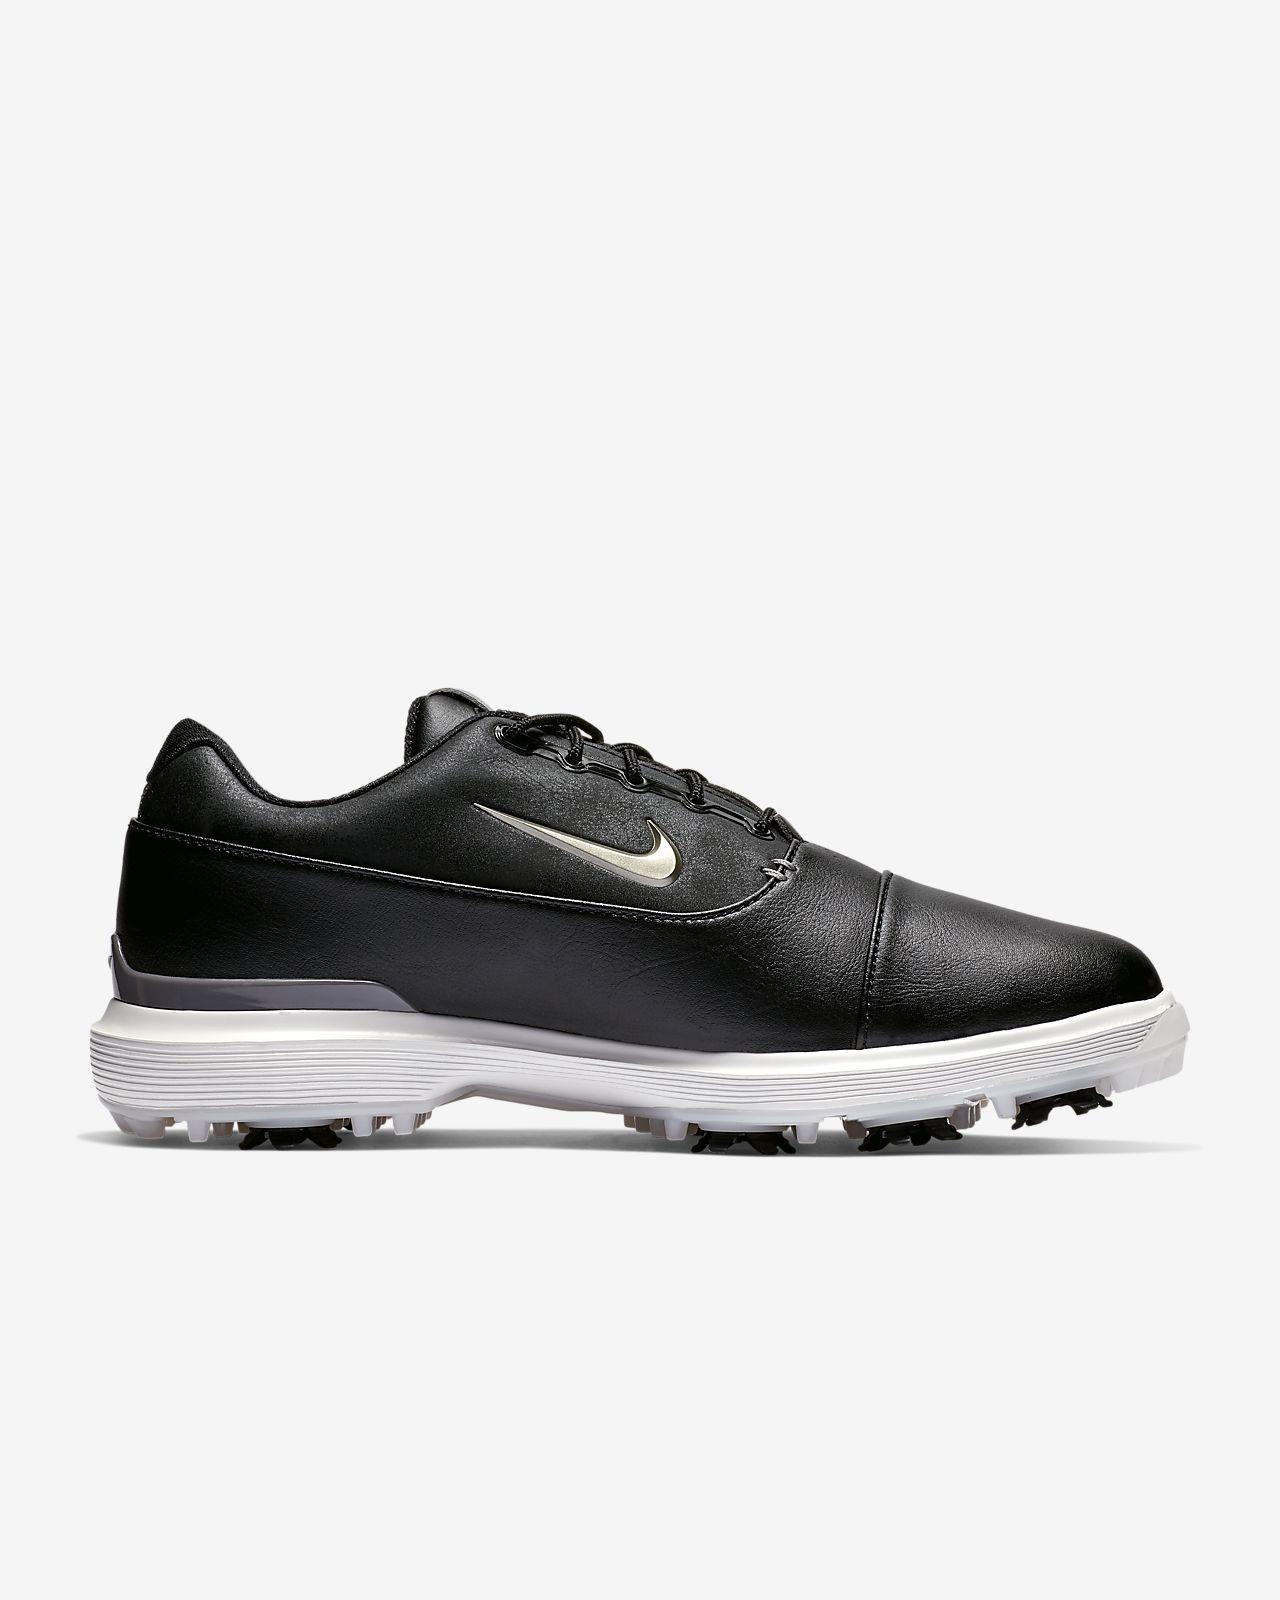 842dda221db Nike Air Zoom Victory Pro Zapatillas de golf - Hombre. Nike.com ES